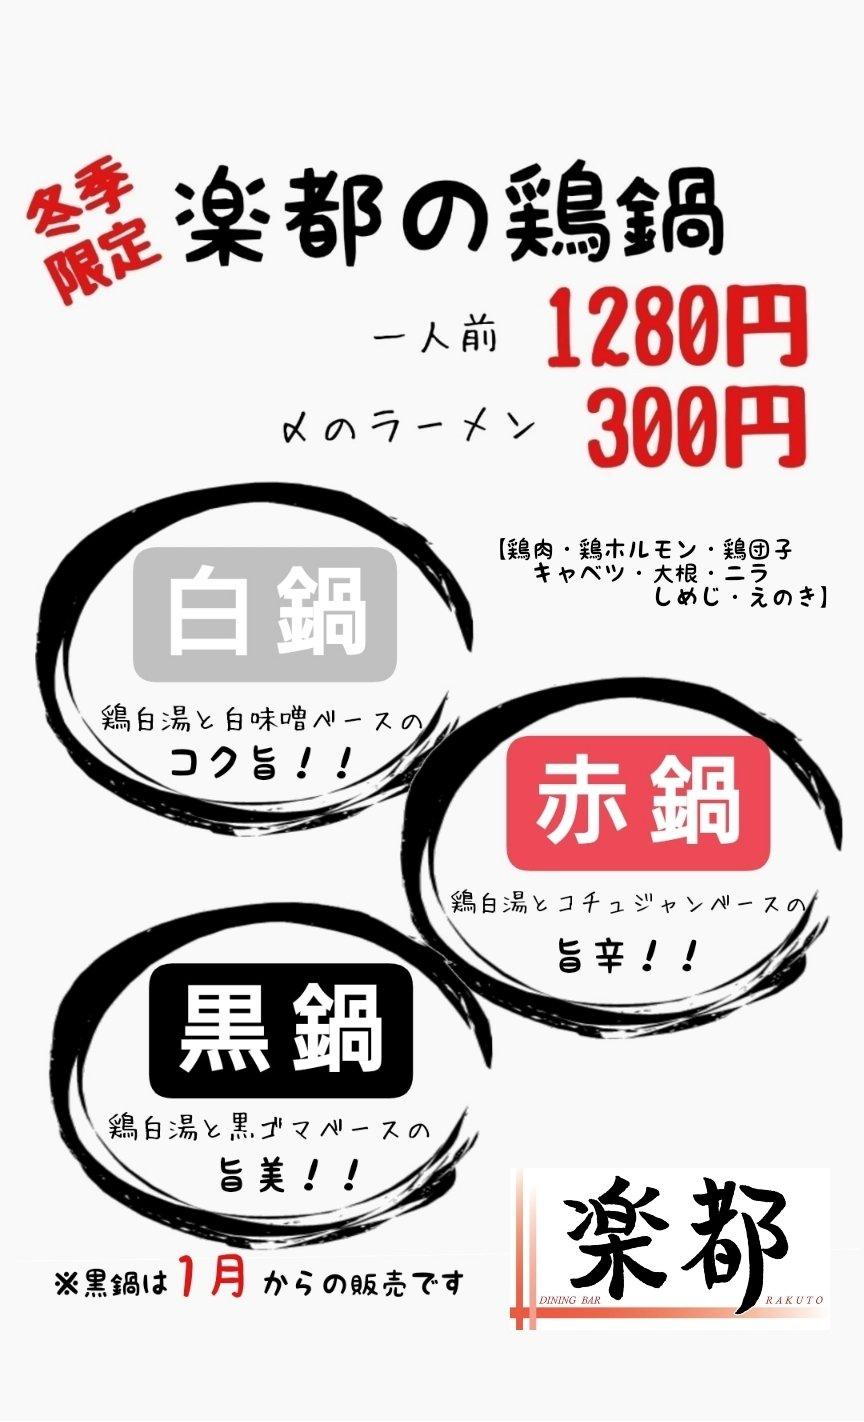 【楽都】シフト【12/4~10マデ】【ダイニングバー楽都】